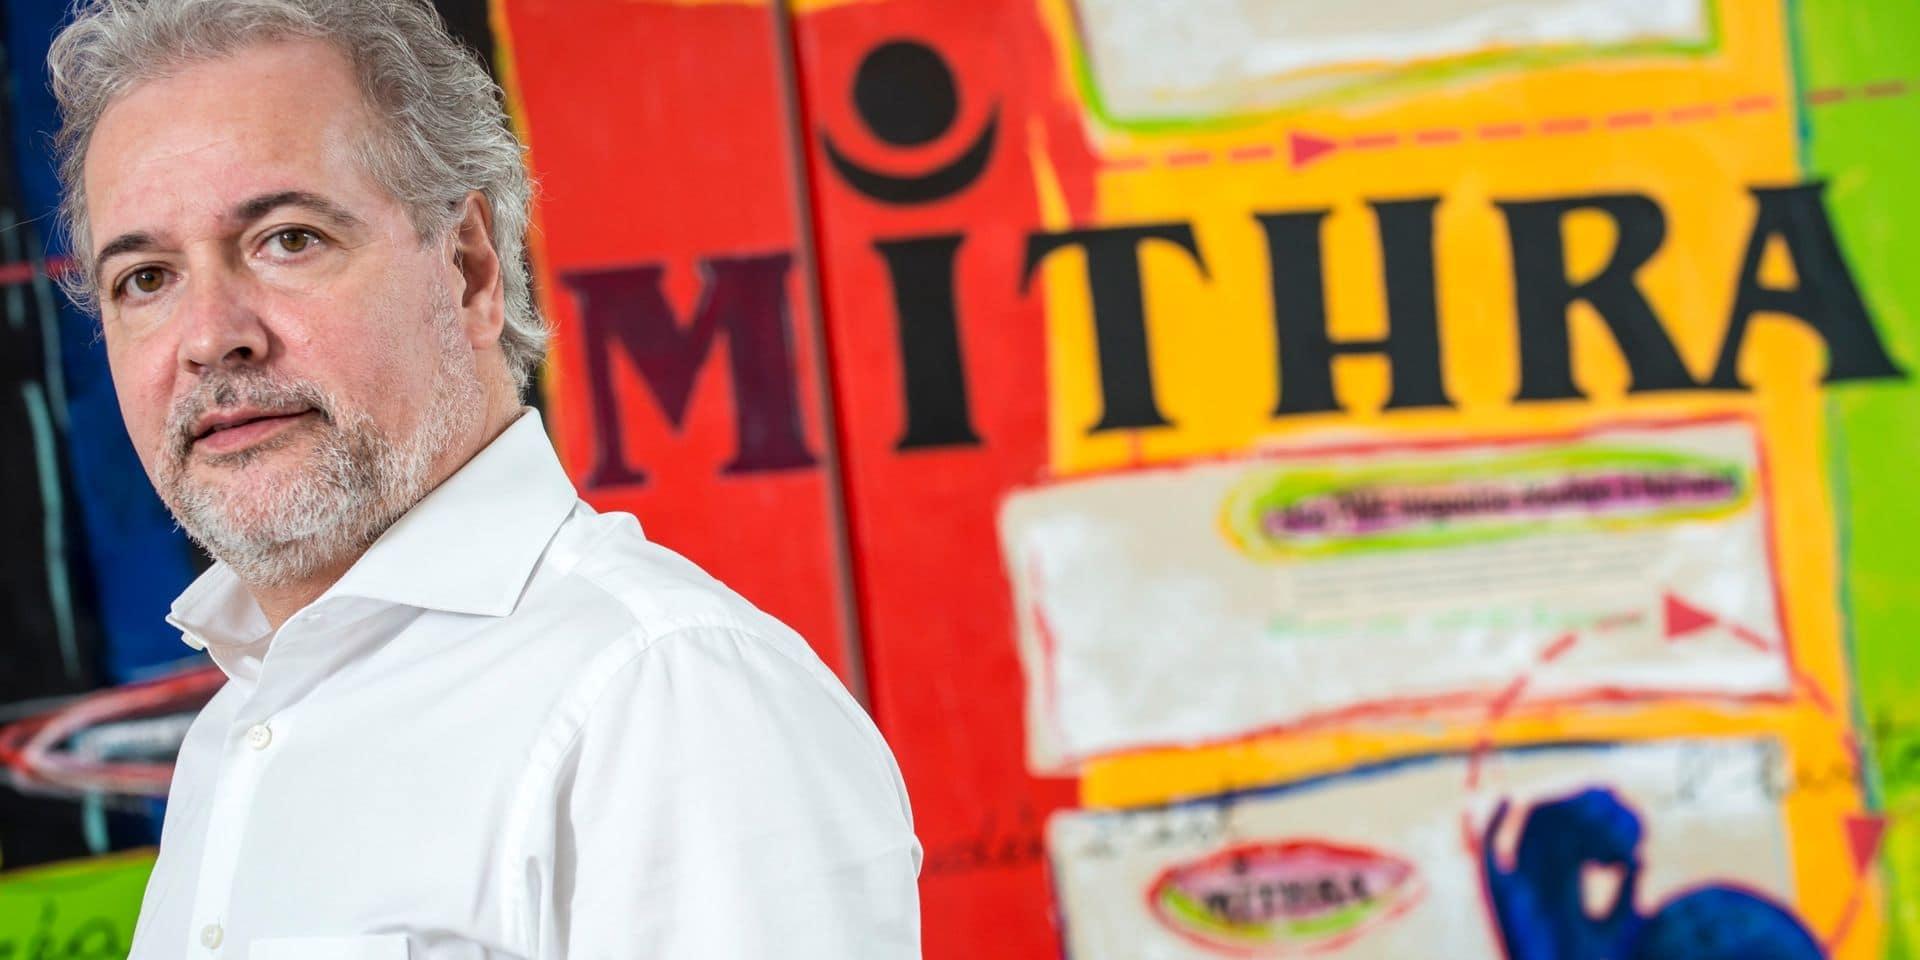 """Mithra s'écroule en Bourse après son """"deal historique"""""""